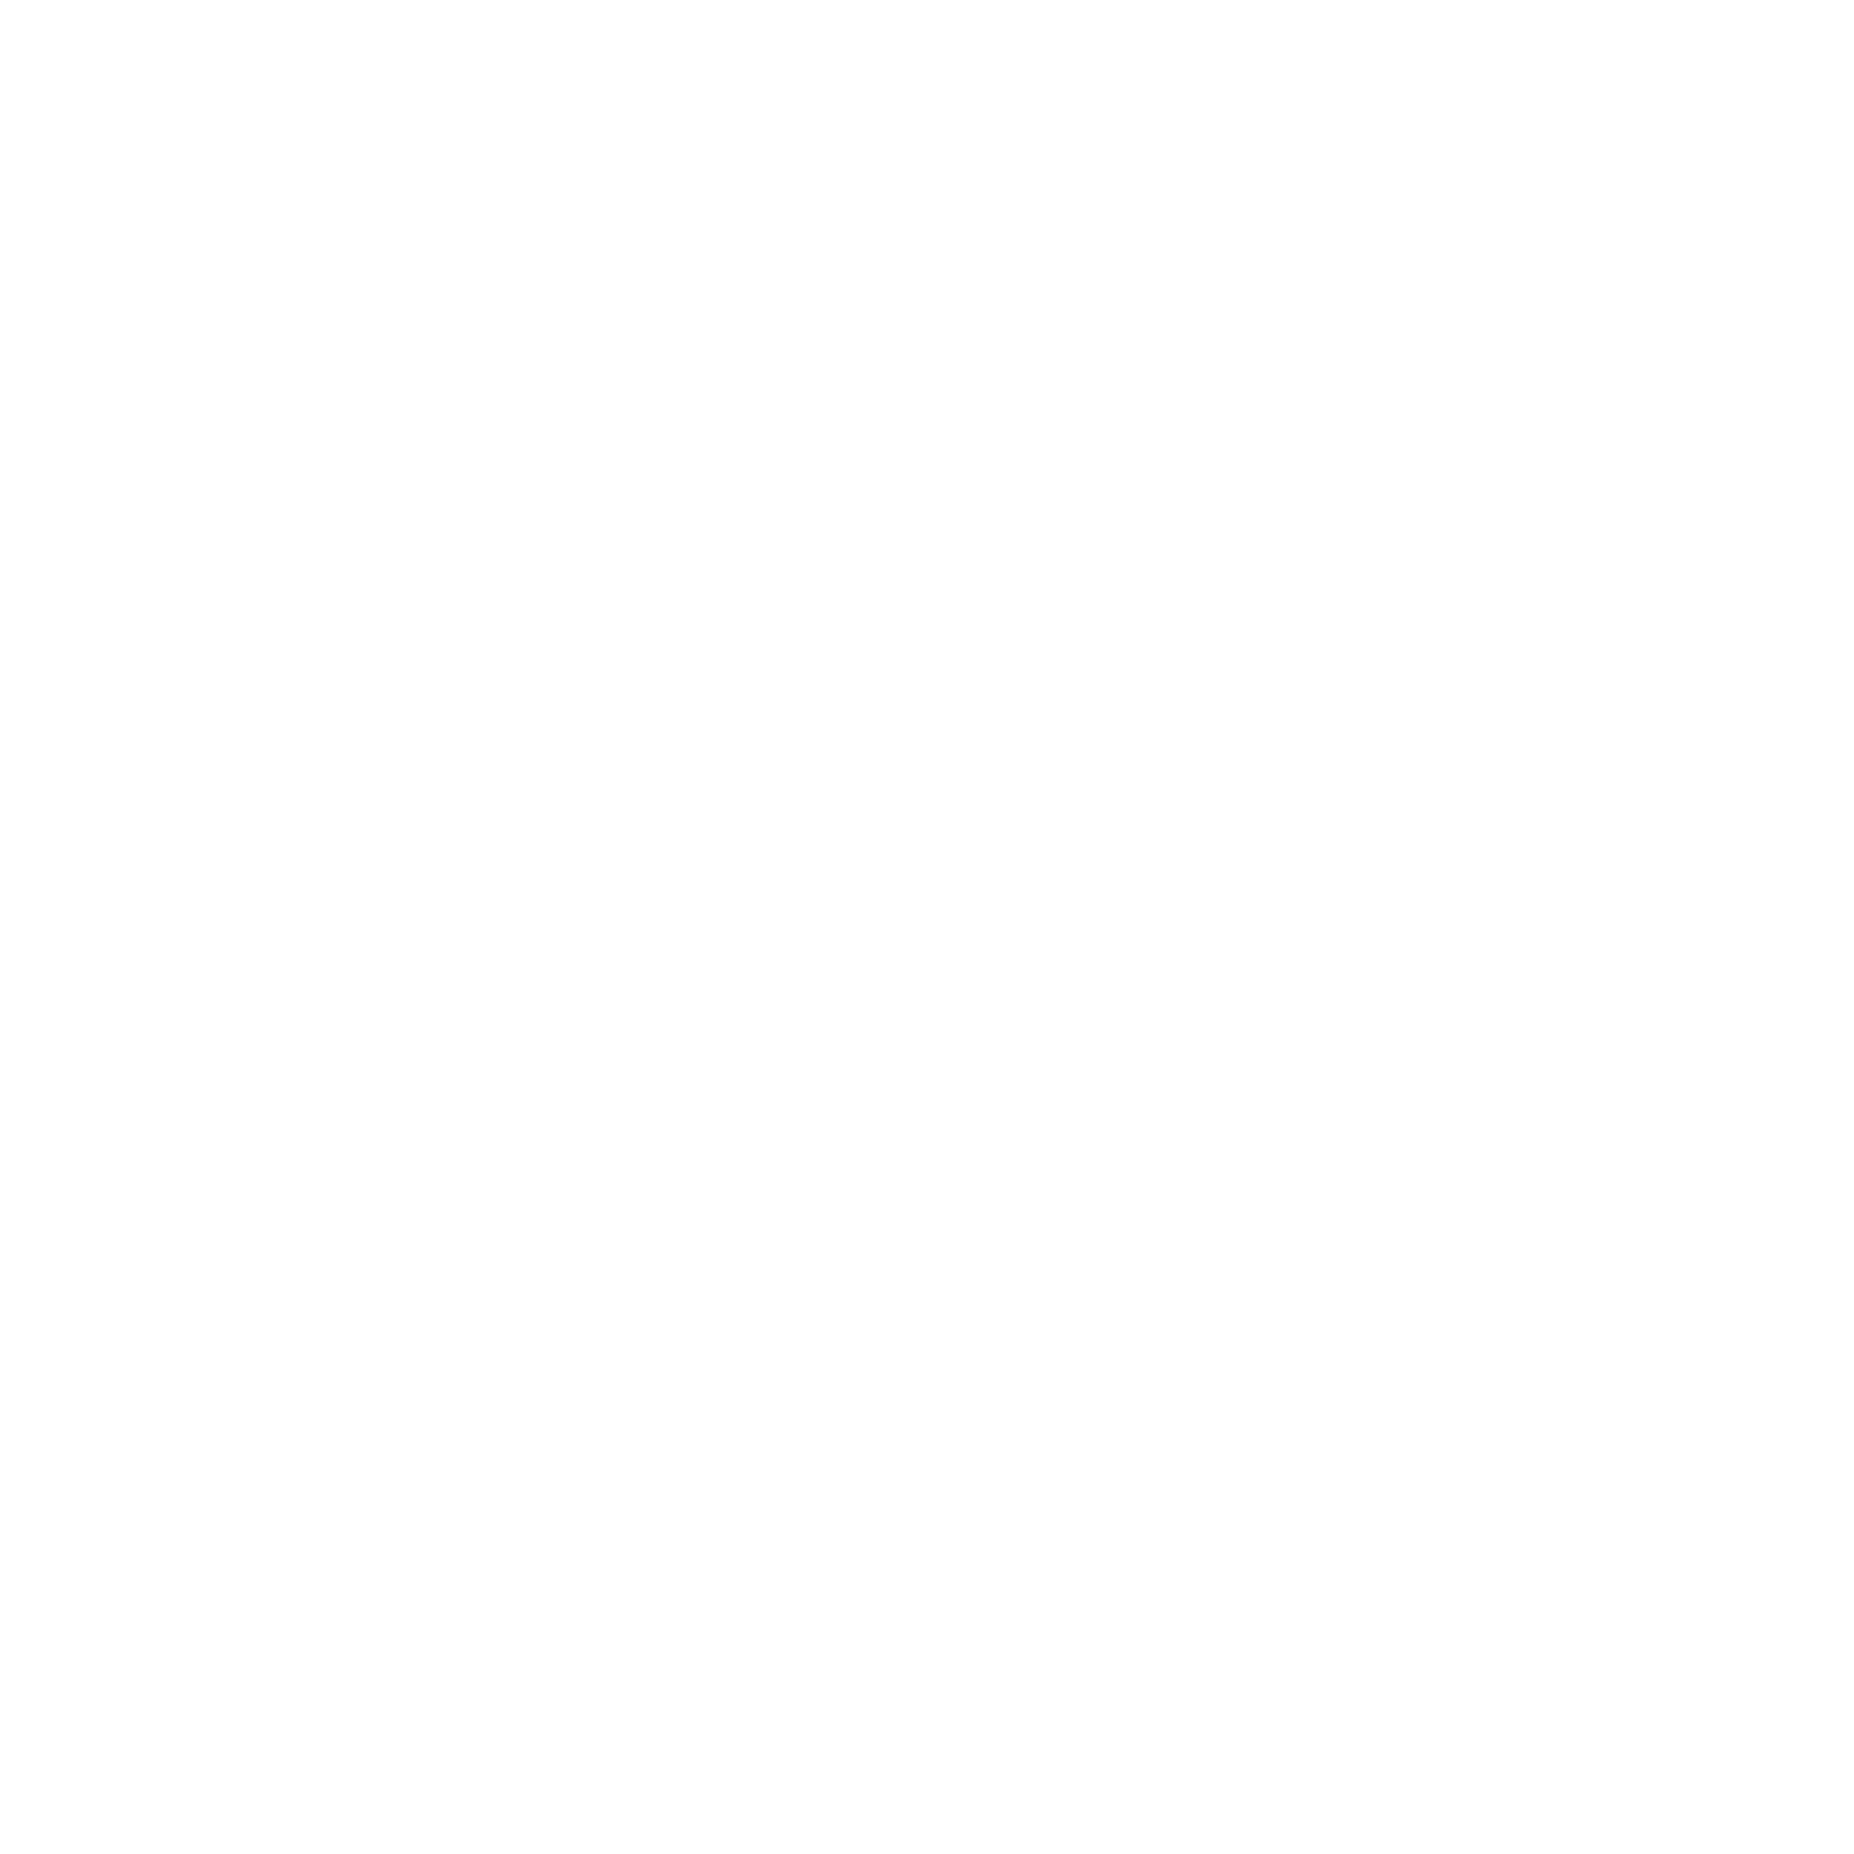 Sponsor Name